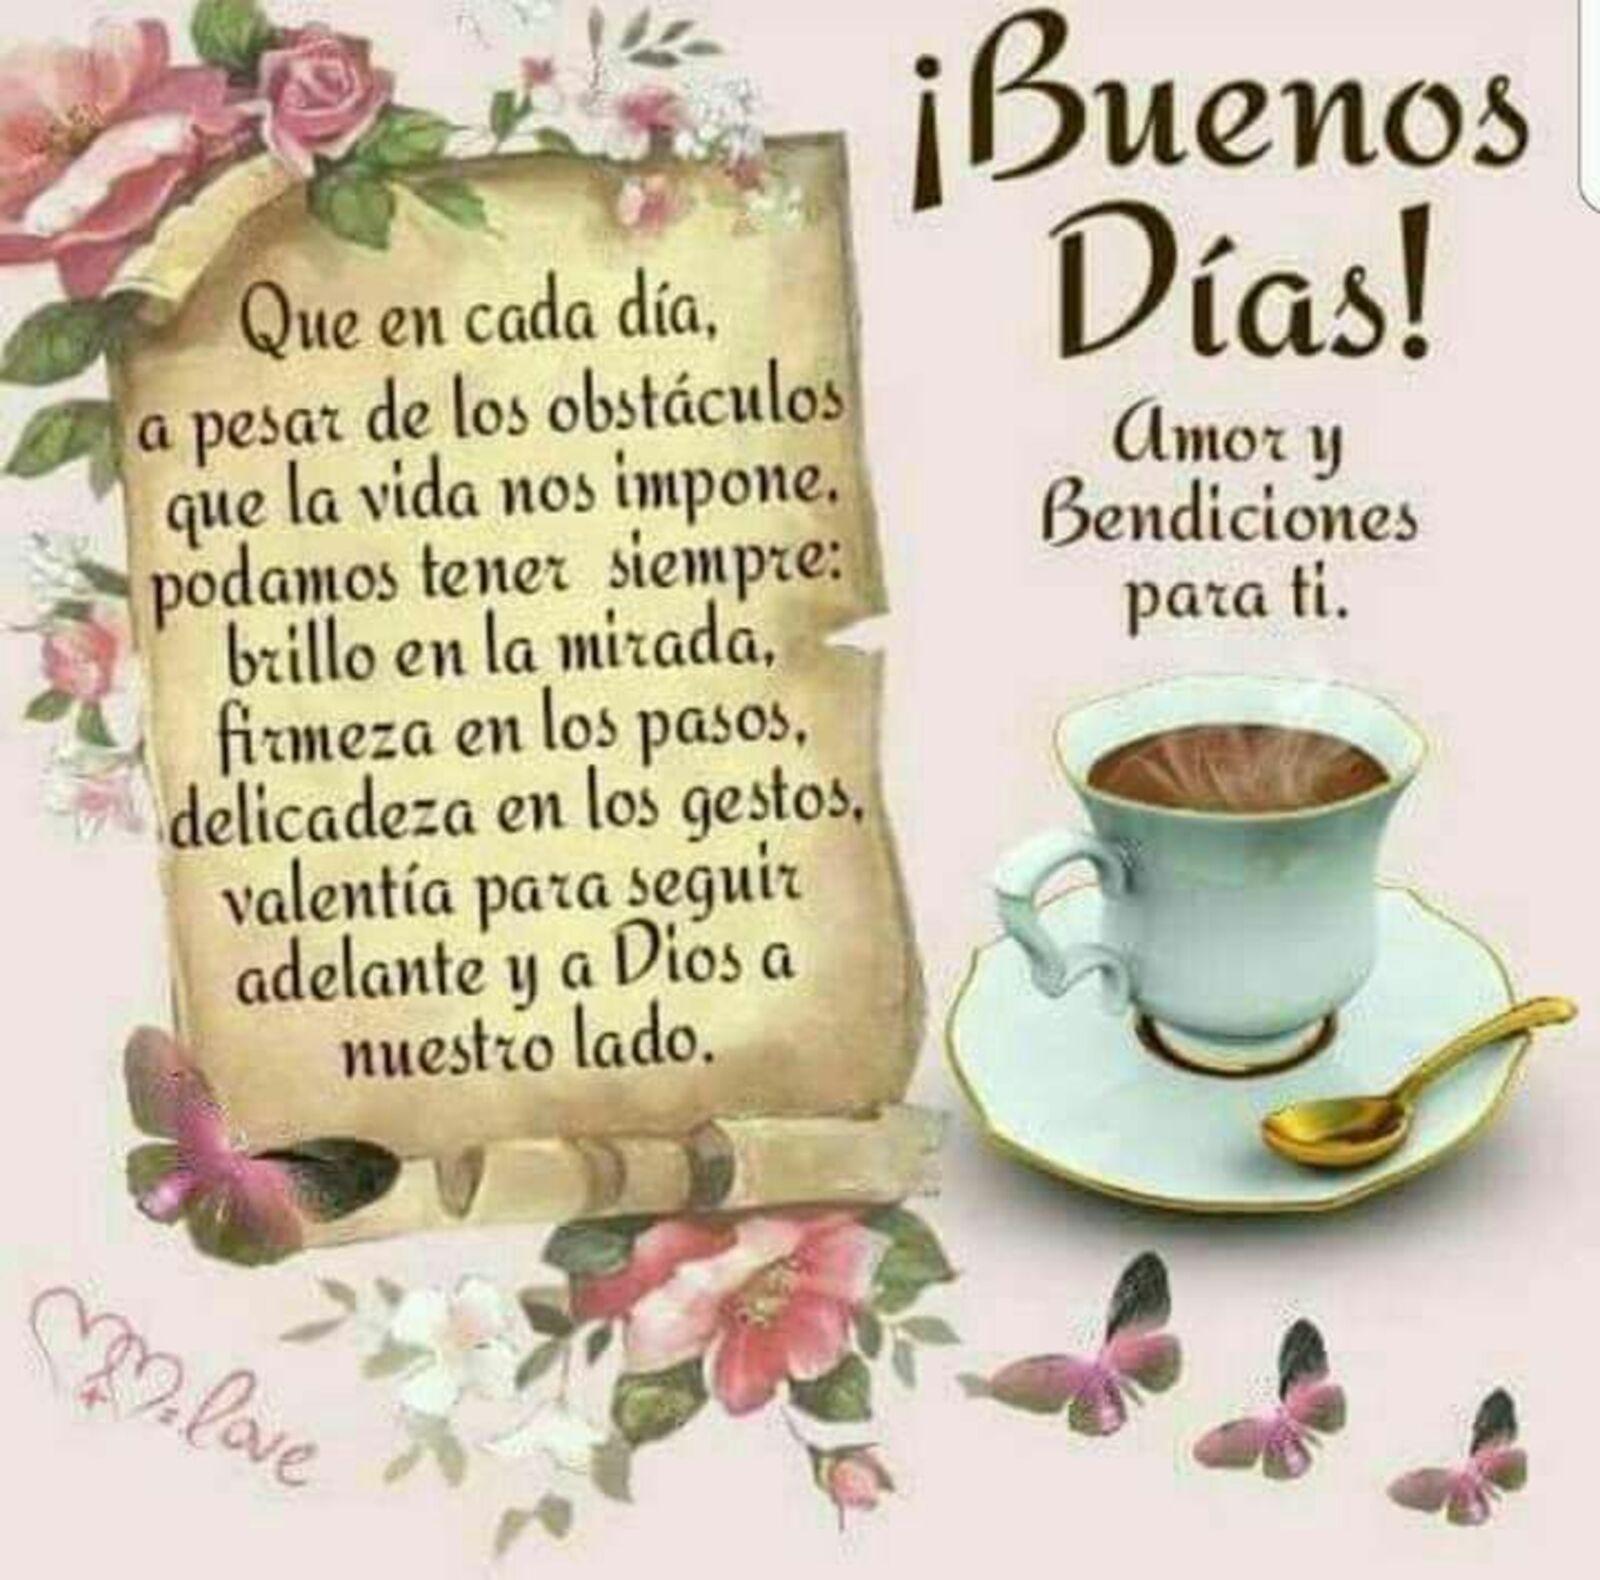 Buenos días amor y bendiciones para ti